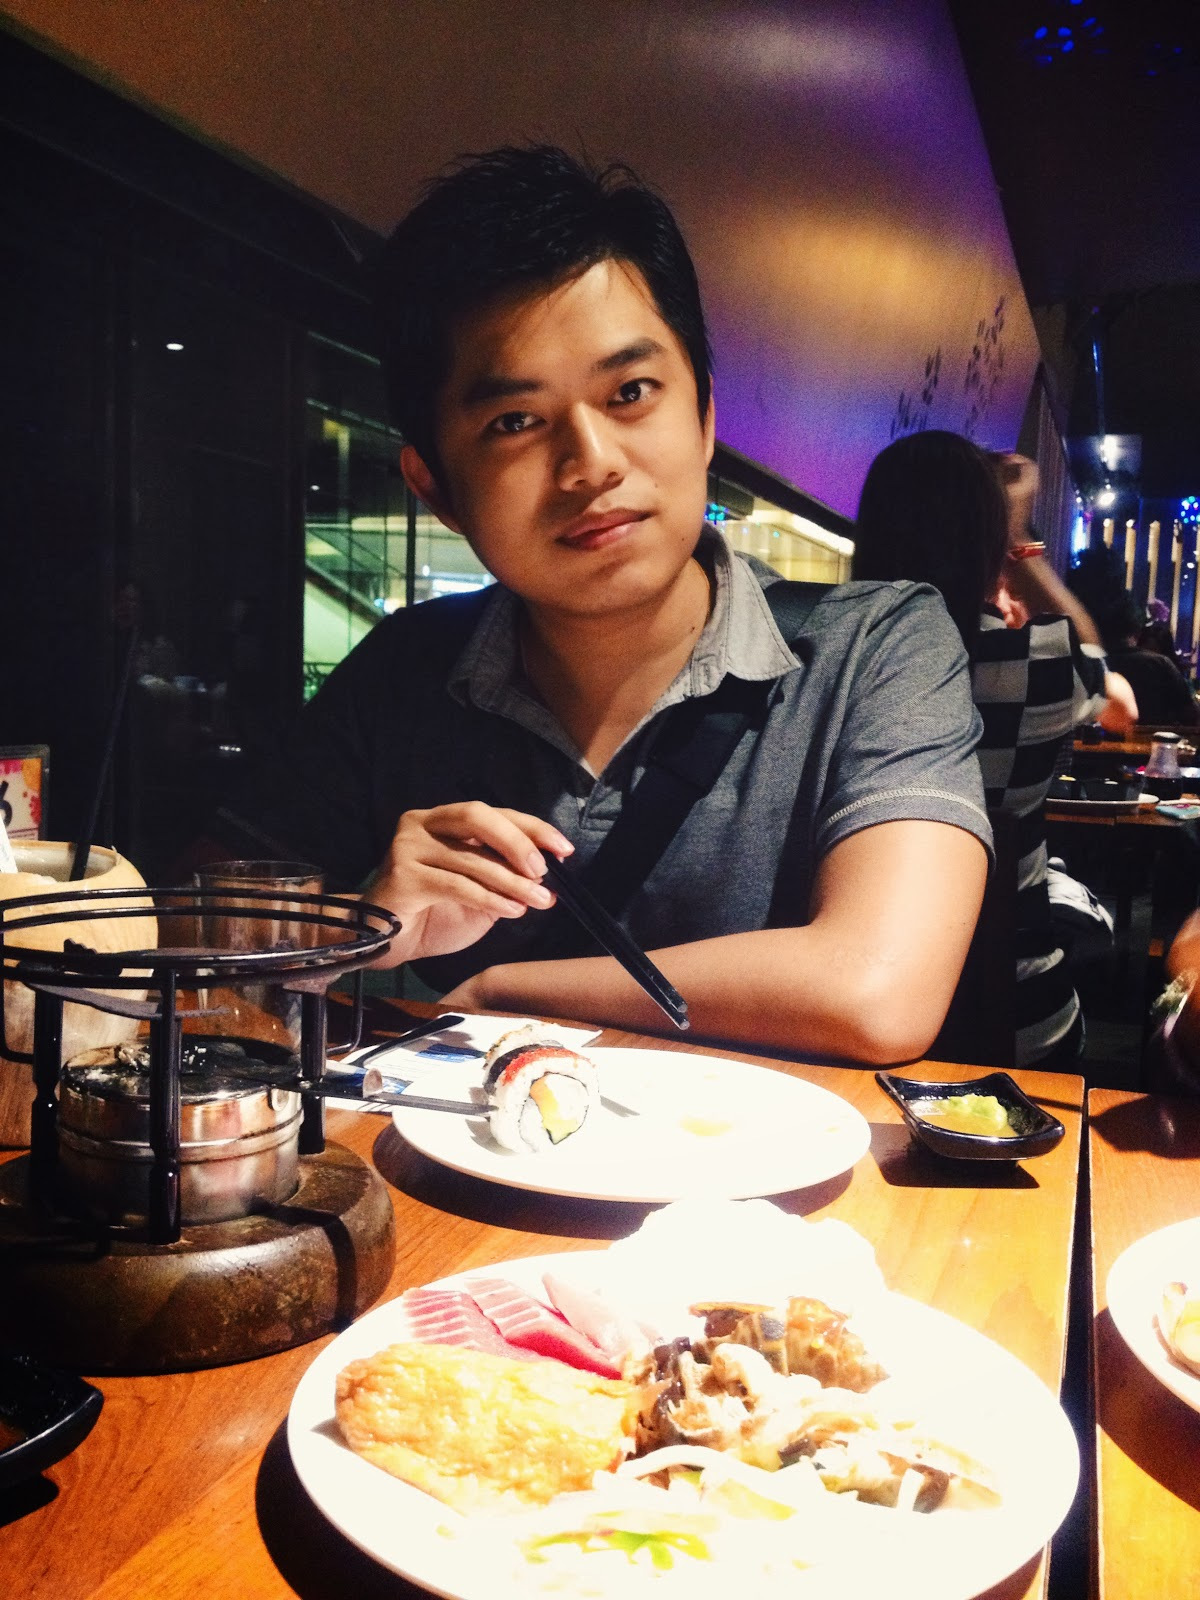 Niklaus Ng NKY @ 上閣屋 Jogoya Buffet Restaurant at Starhill Gallery, Kuala Lumpur, Malaysia